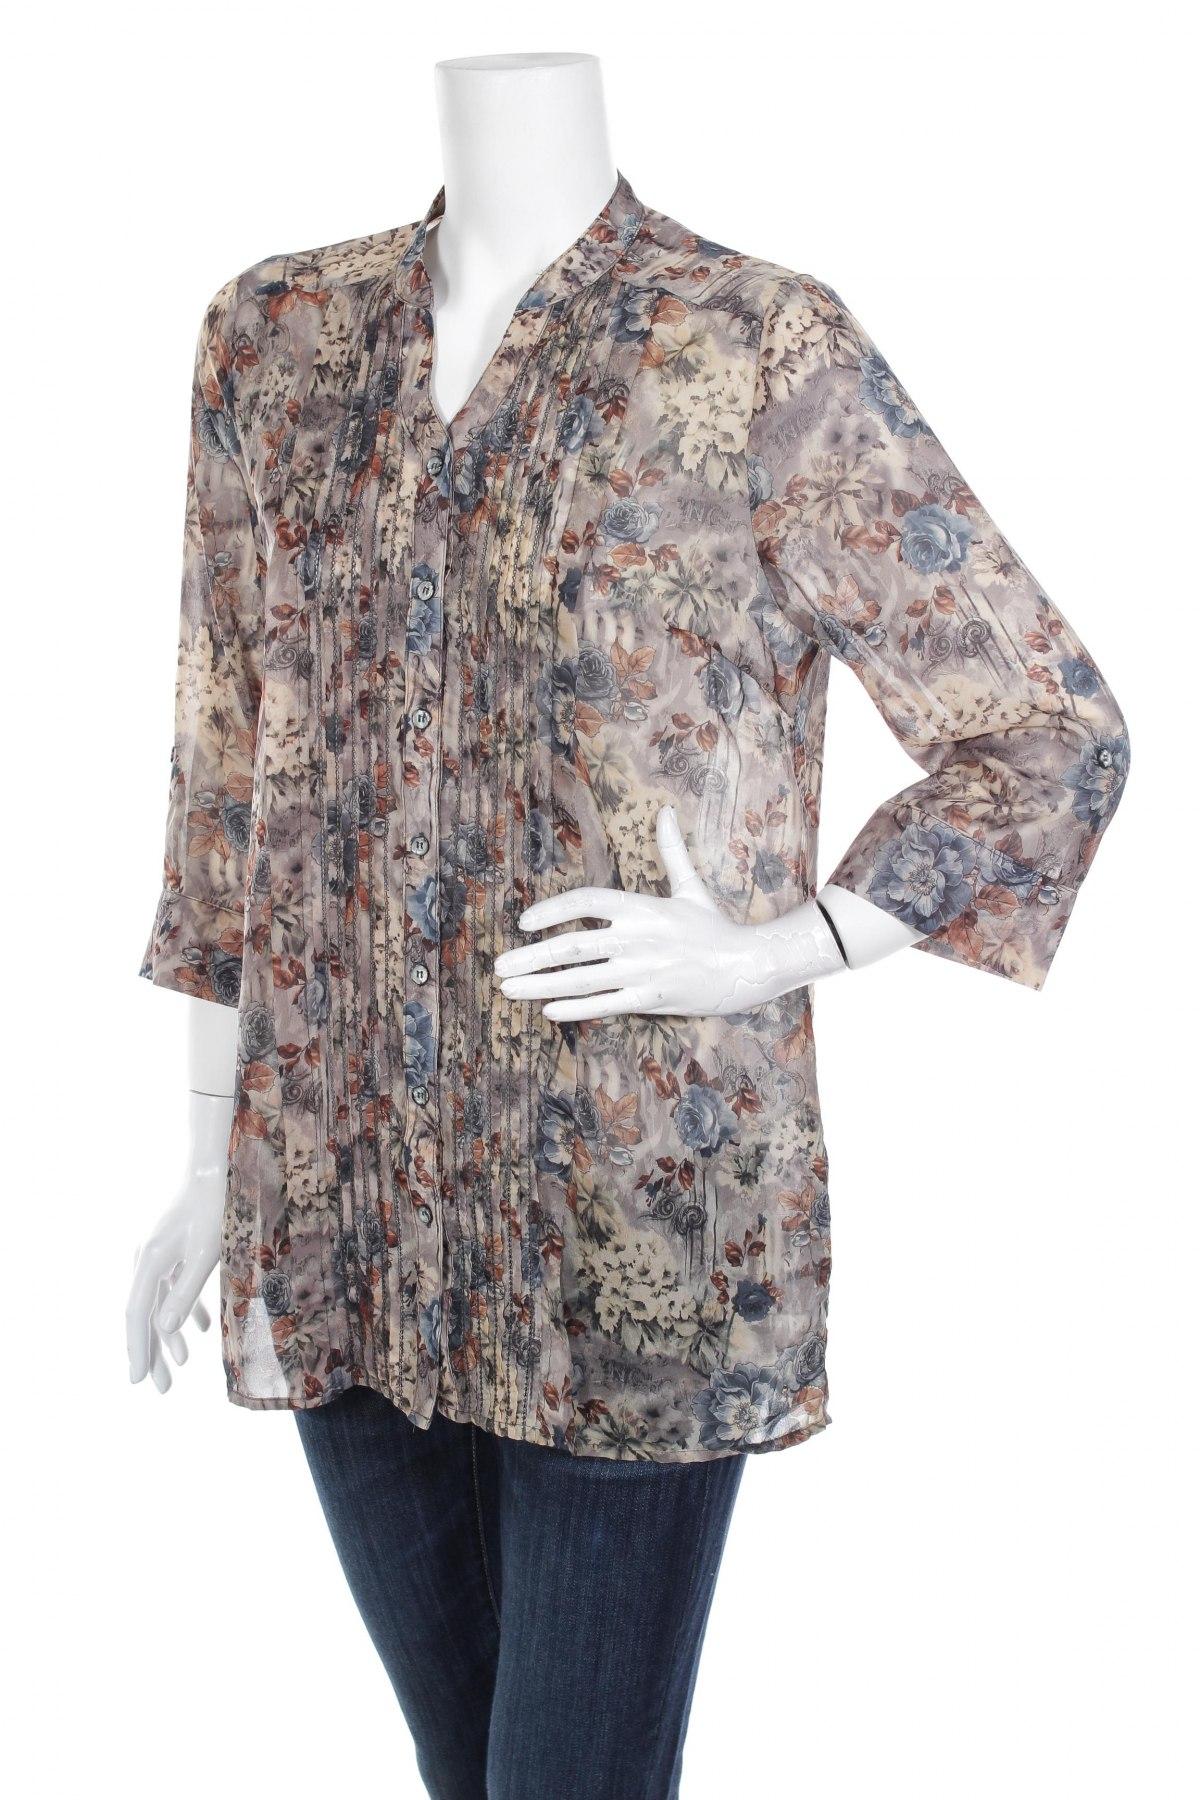 Γυναικείο πουκάμισο Ted Nicol